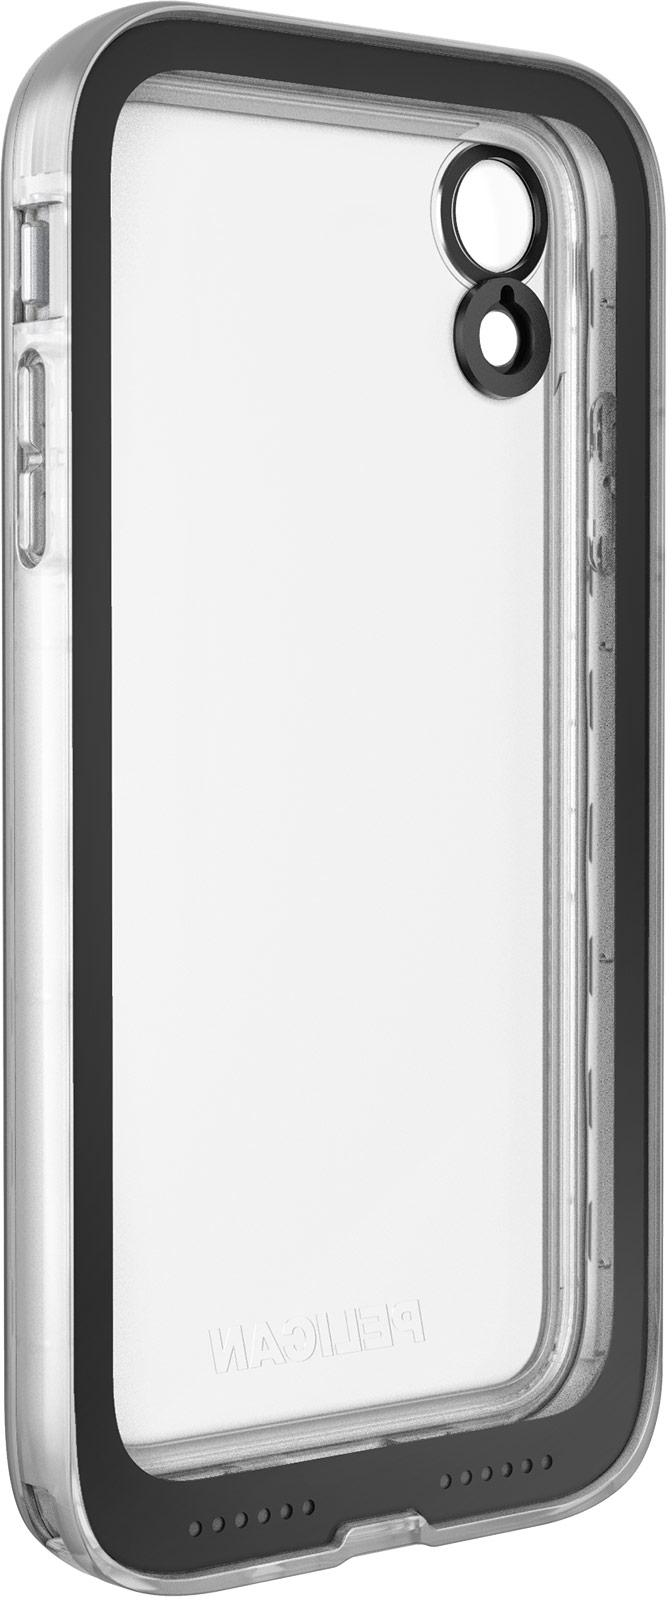 pelican iphone xr marine case waterproof